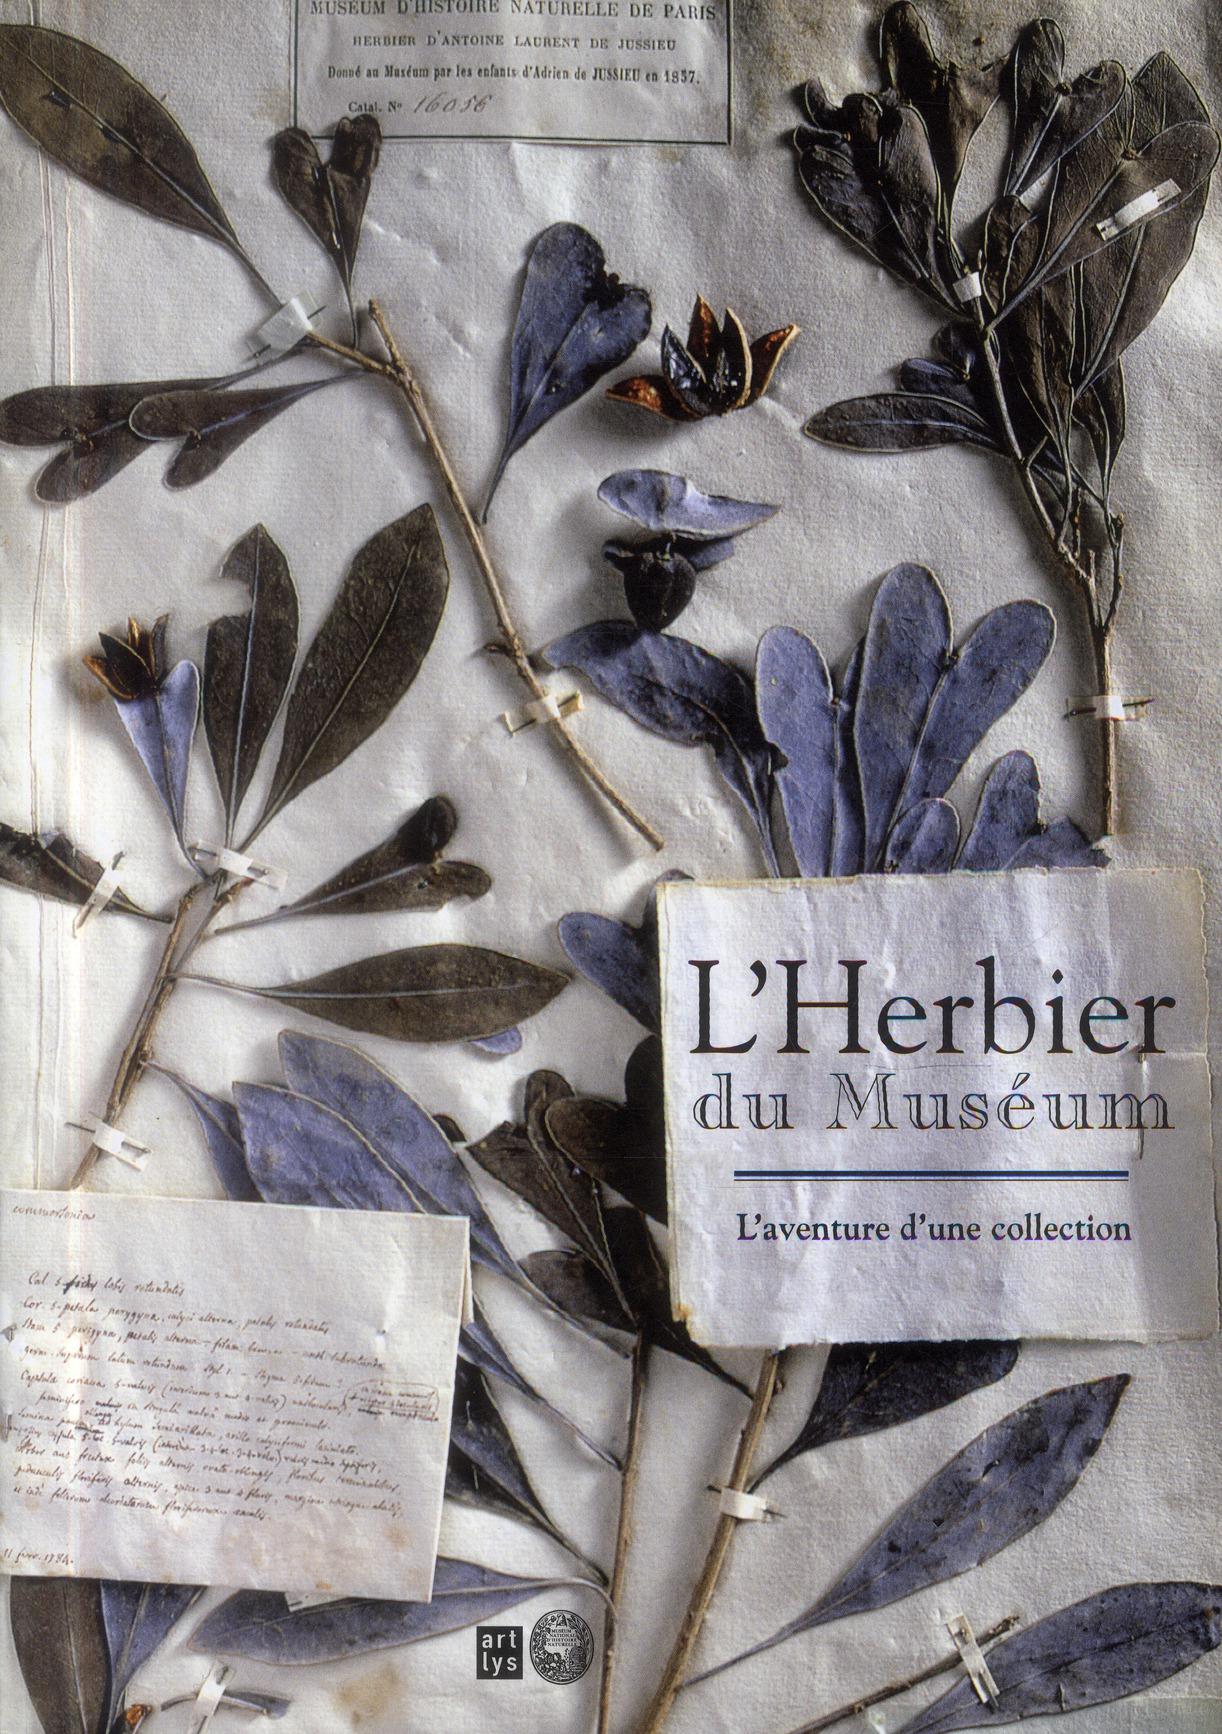 L'HERBIER DU MUSEUM - L'AVENTURE D'UNE COLLECTION